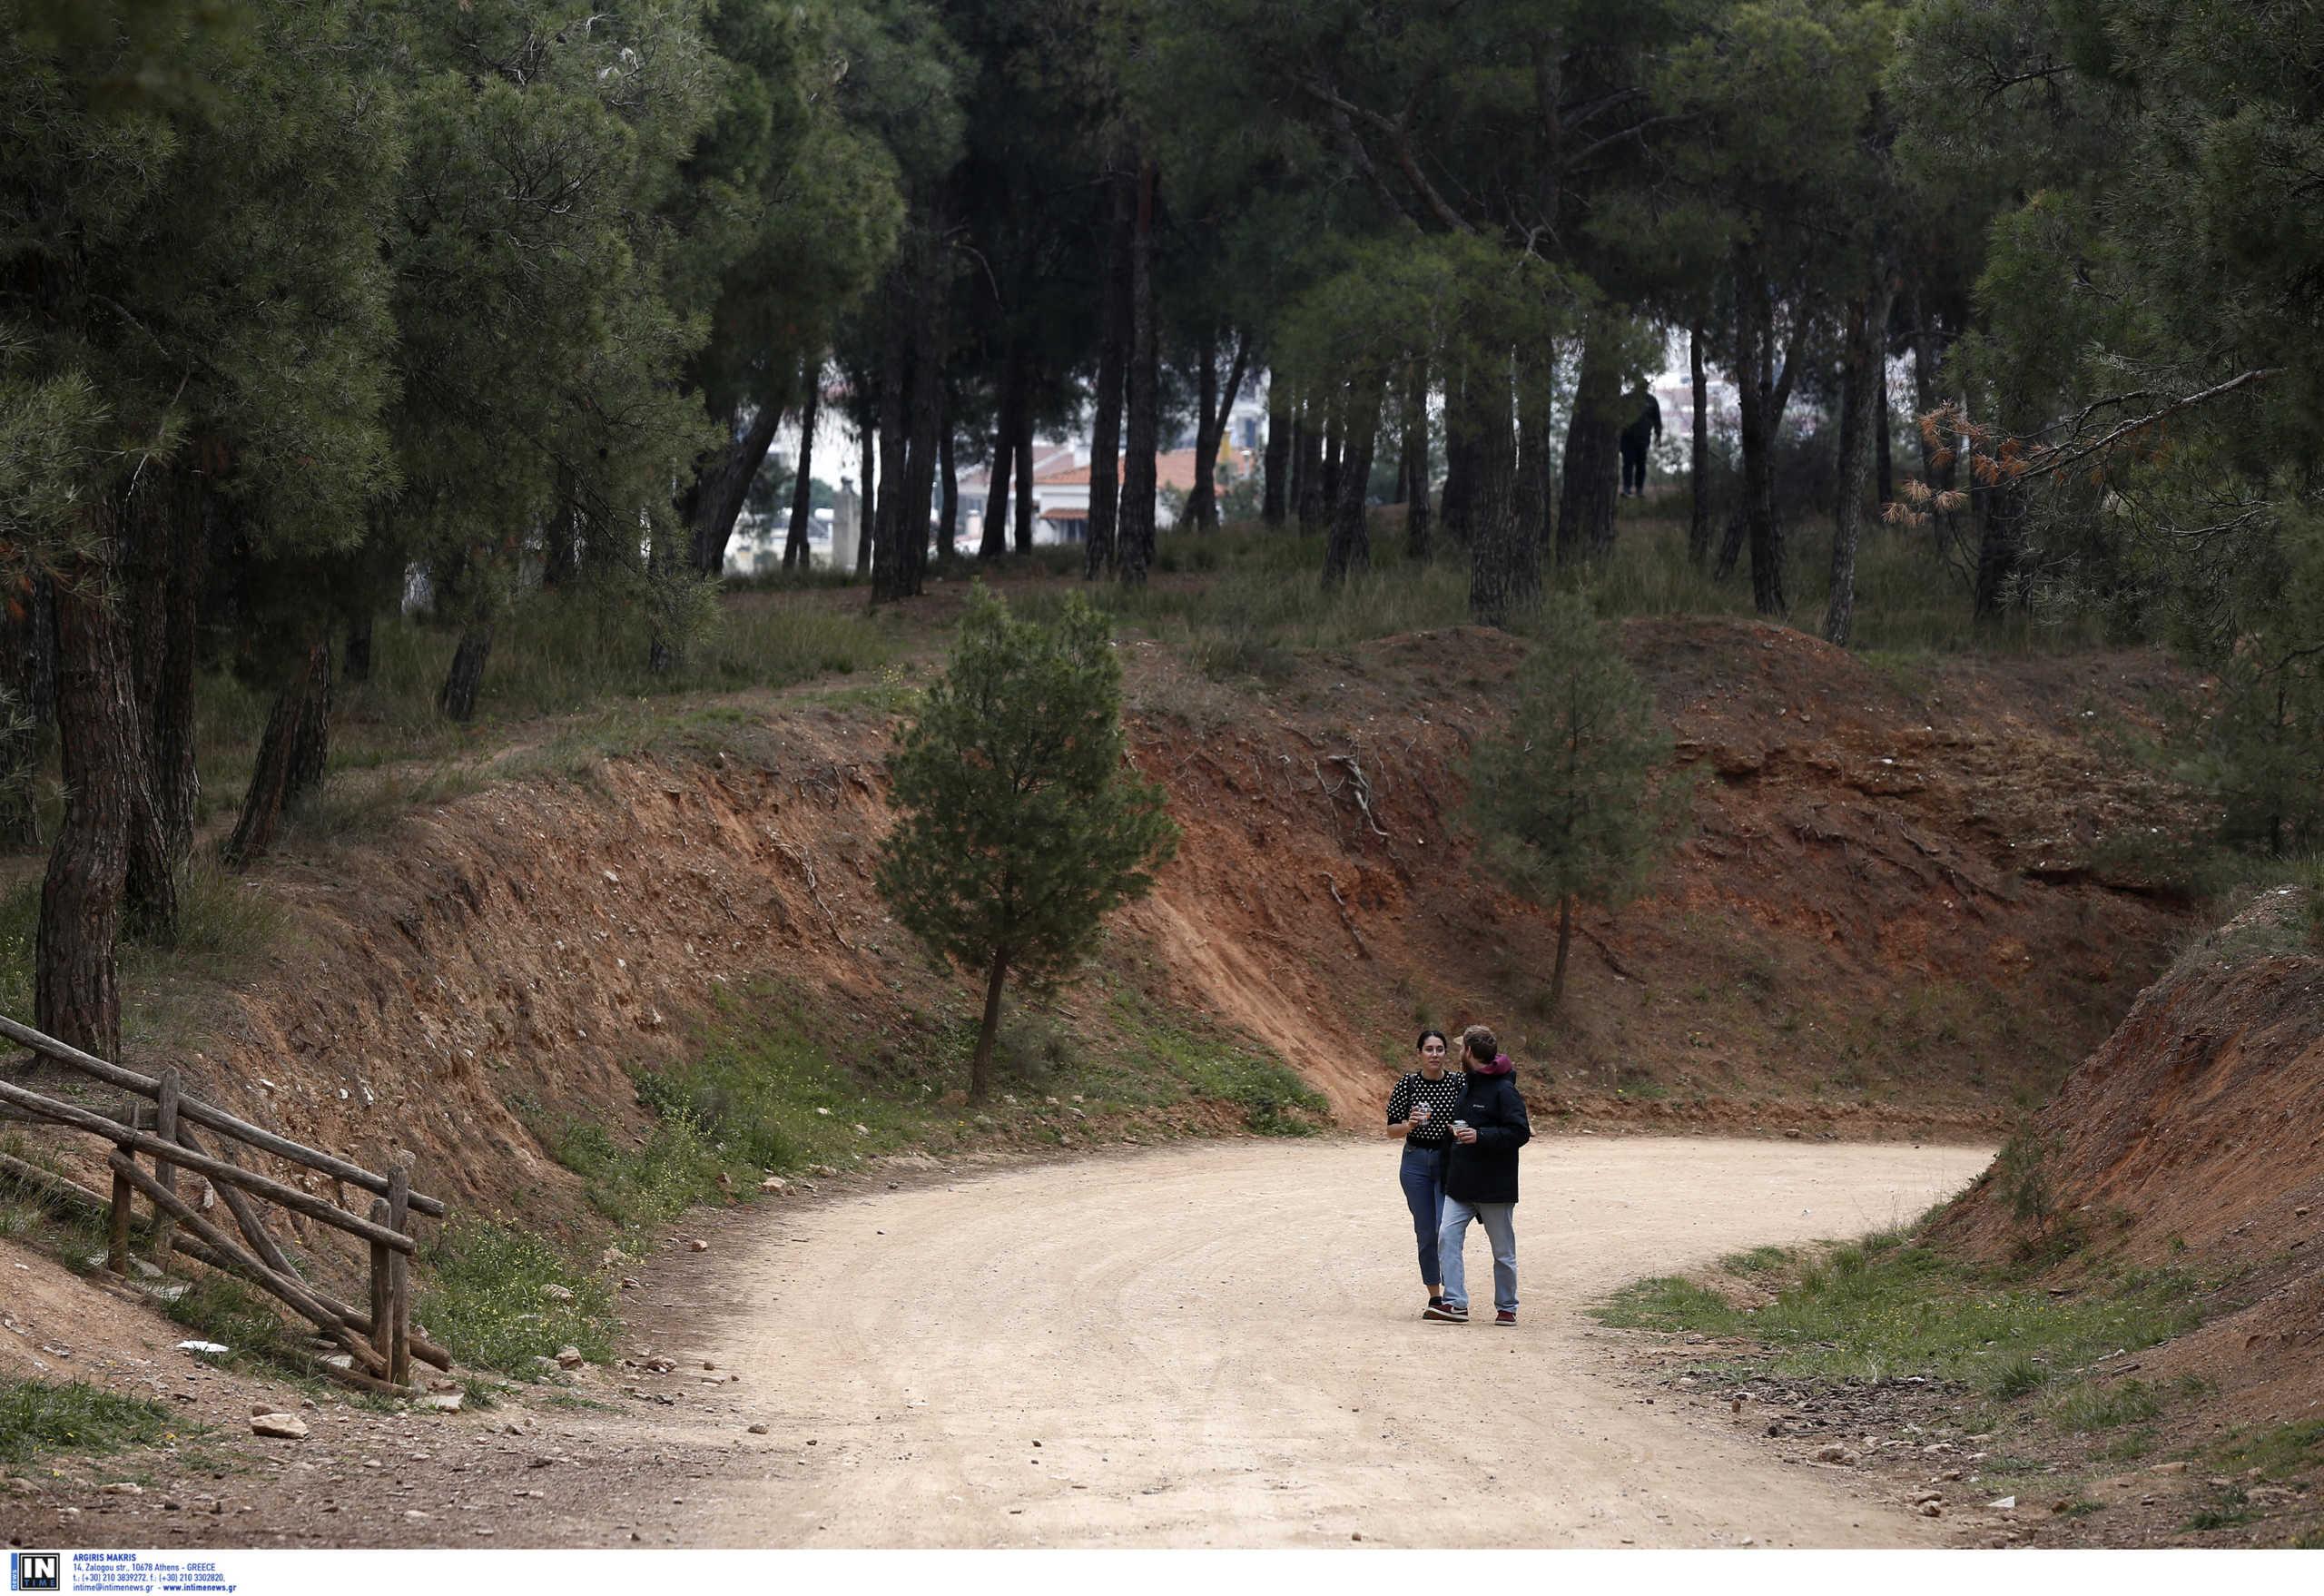 Θεσσαλονίκη: Ανοικτό από το πρωί το δάσος του Σέιχ Σου και του Χορτιάτη